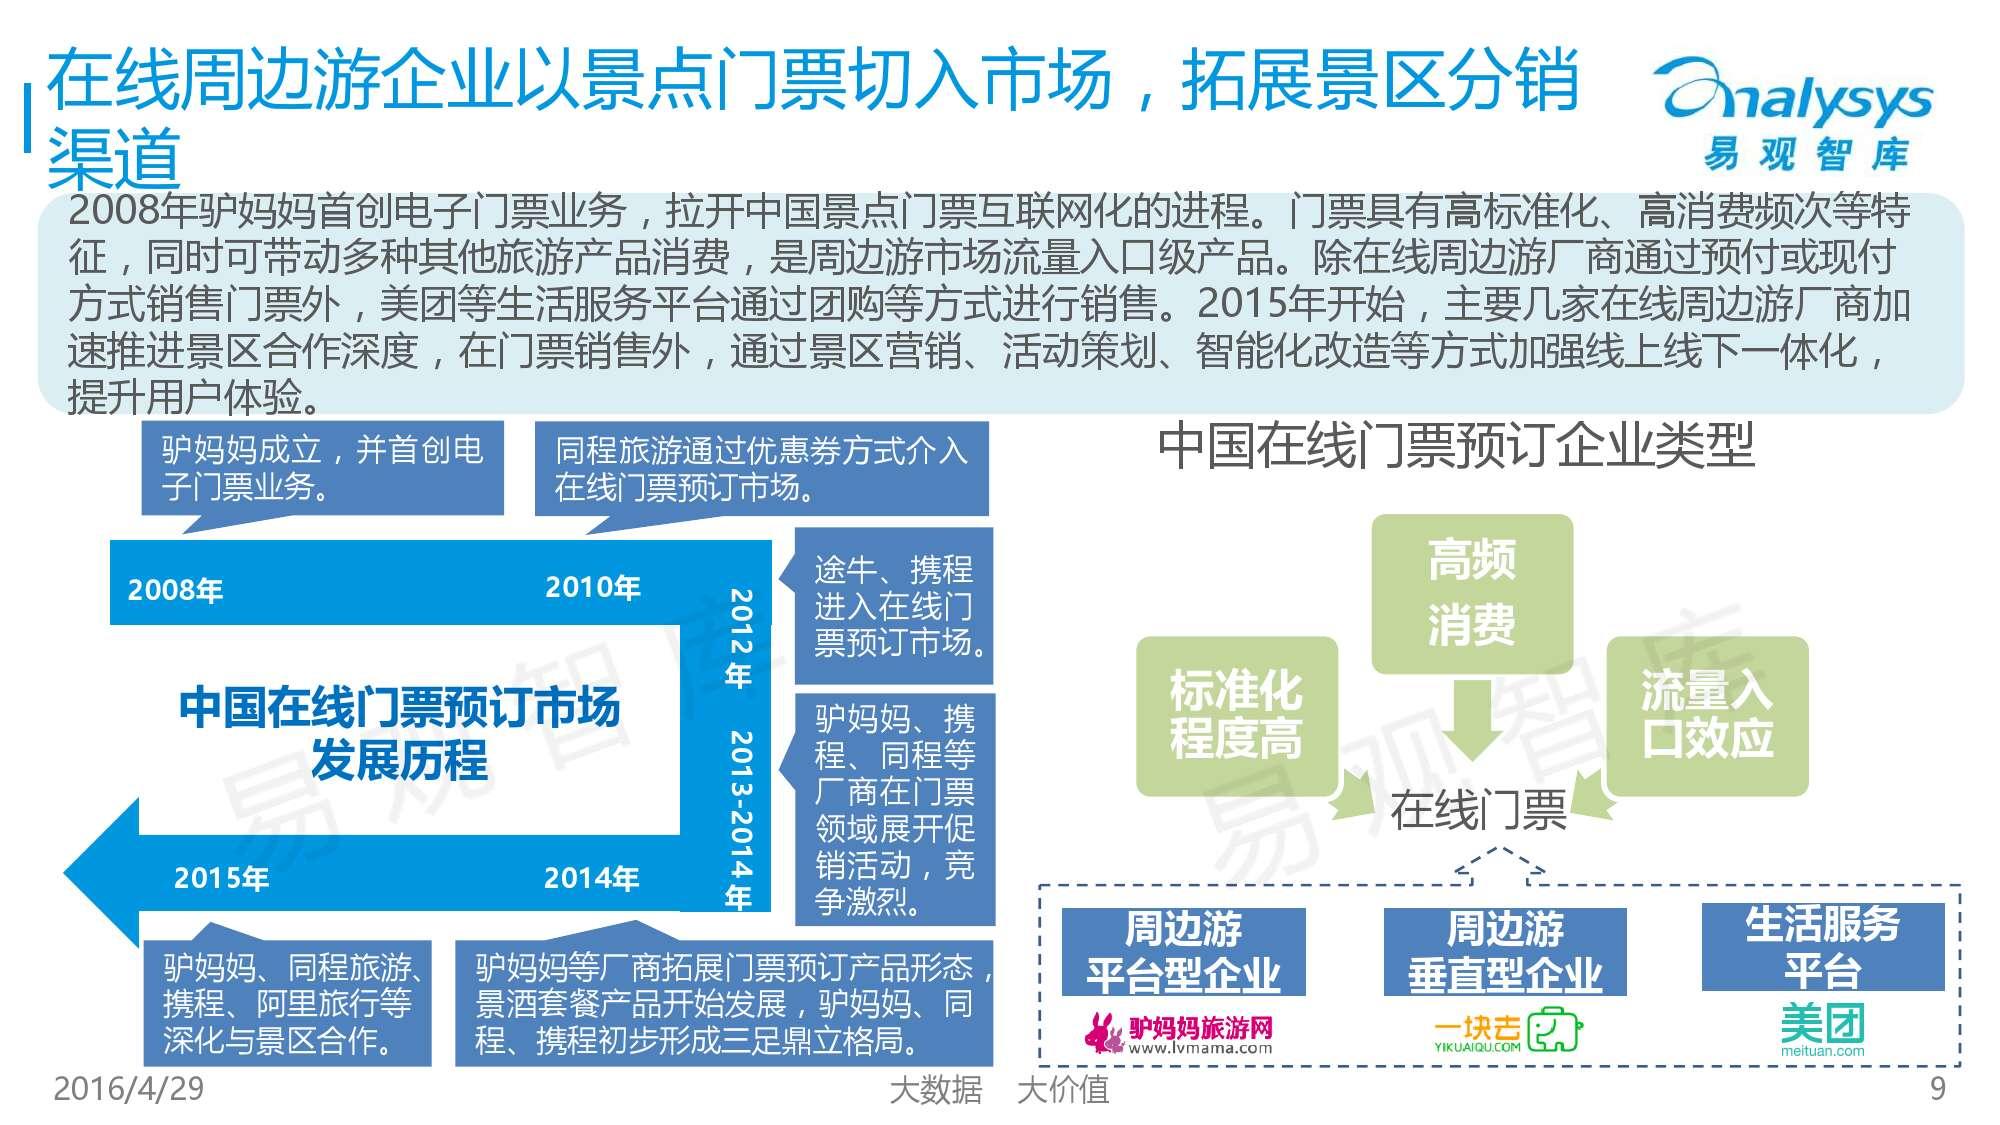 中国在线周边自助游市场专题研究报告2016_000009